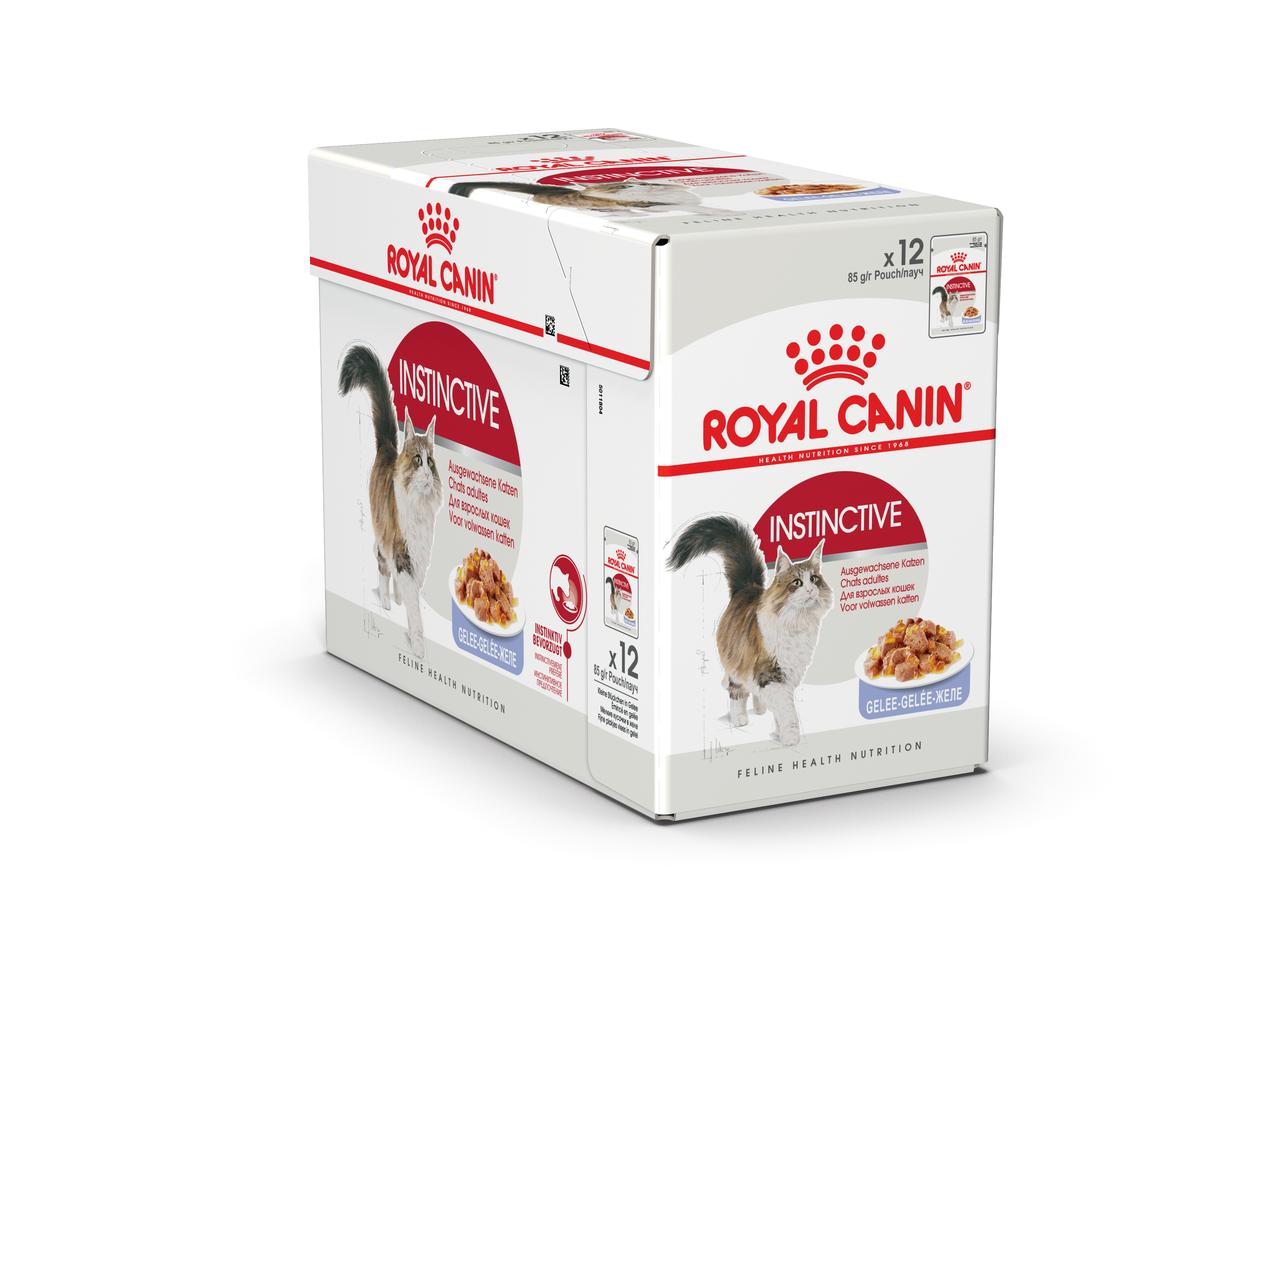 Royal Canin Instinctive 85 гр упаковка 12 шт влажный корм (Роял Канин) для взрослых кошек в желе